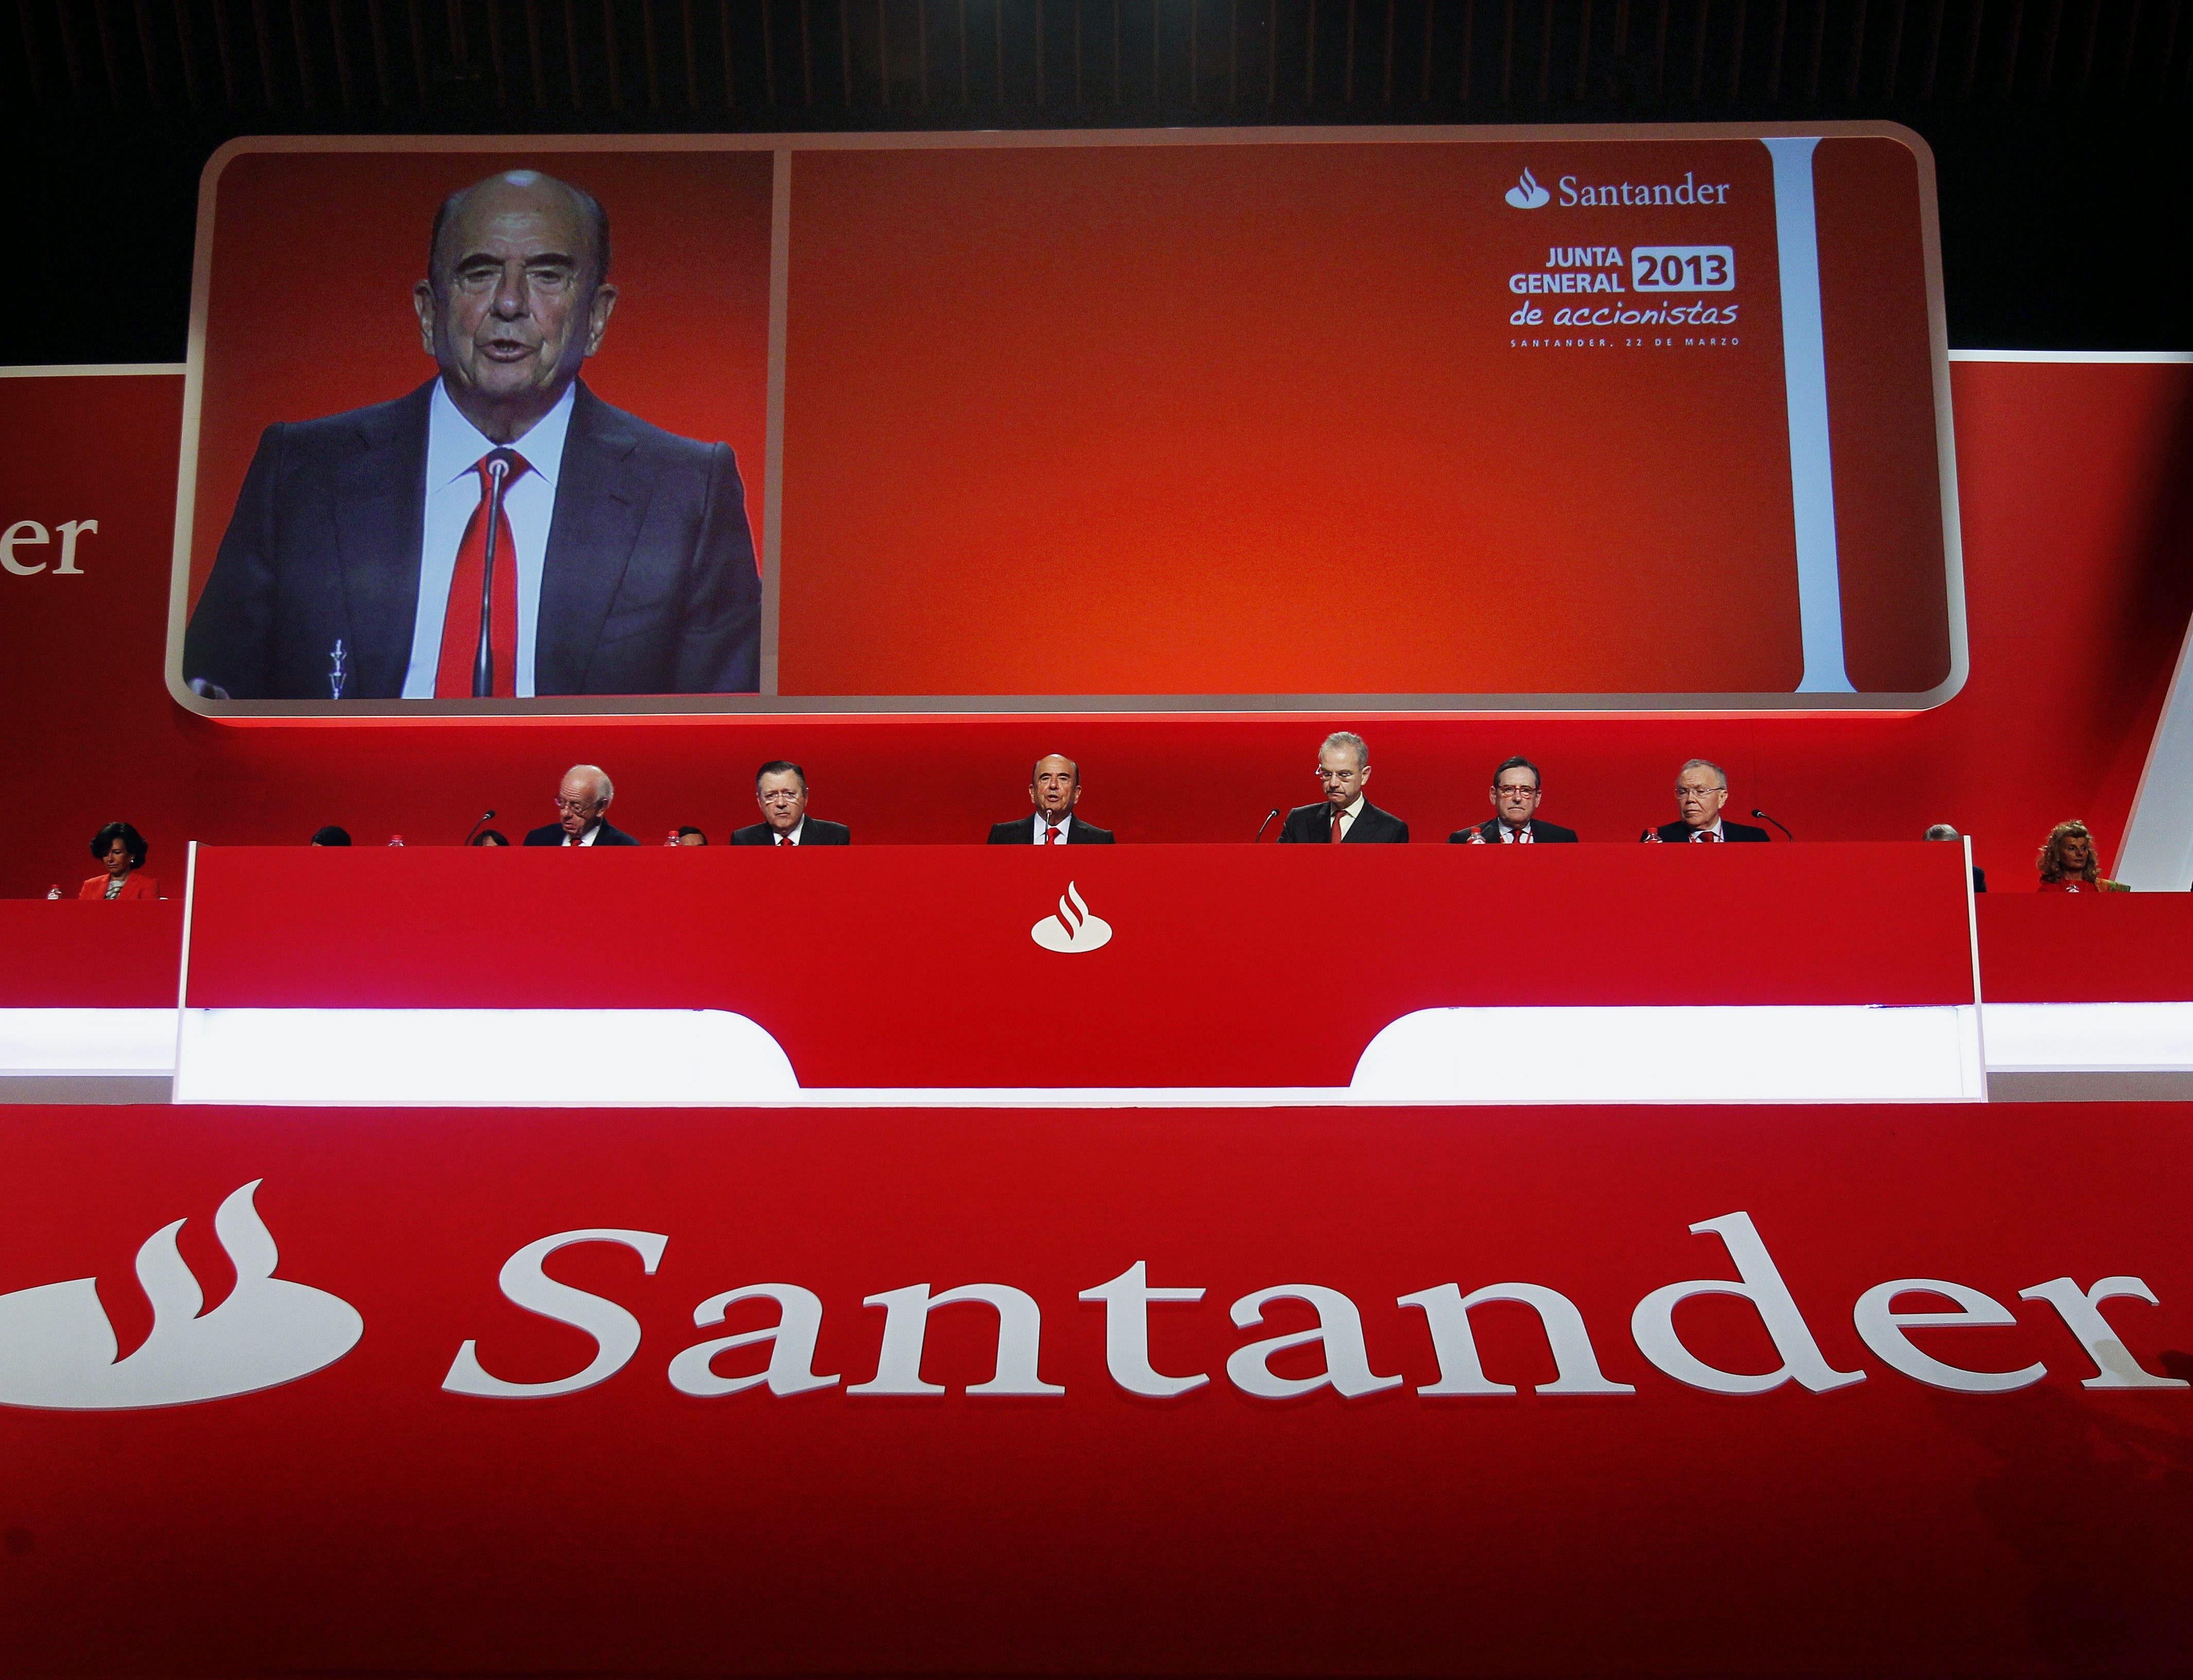 El Santander inicia trámites para sacar a Bolsa su filial de consumo en EEUU